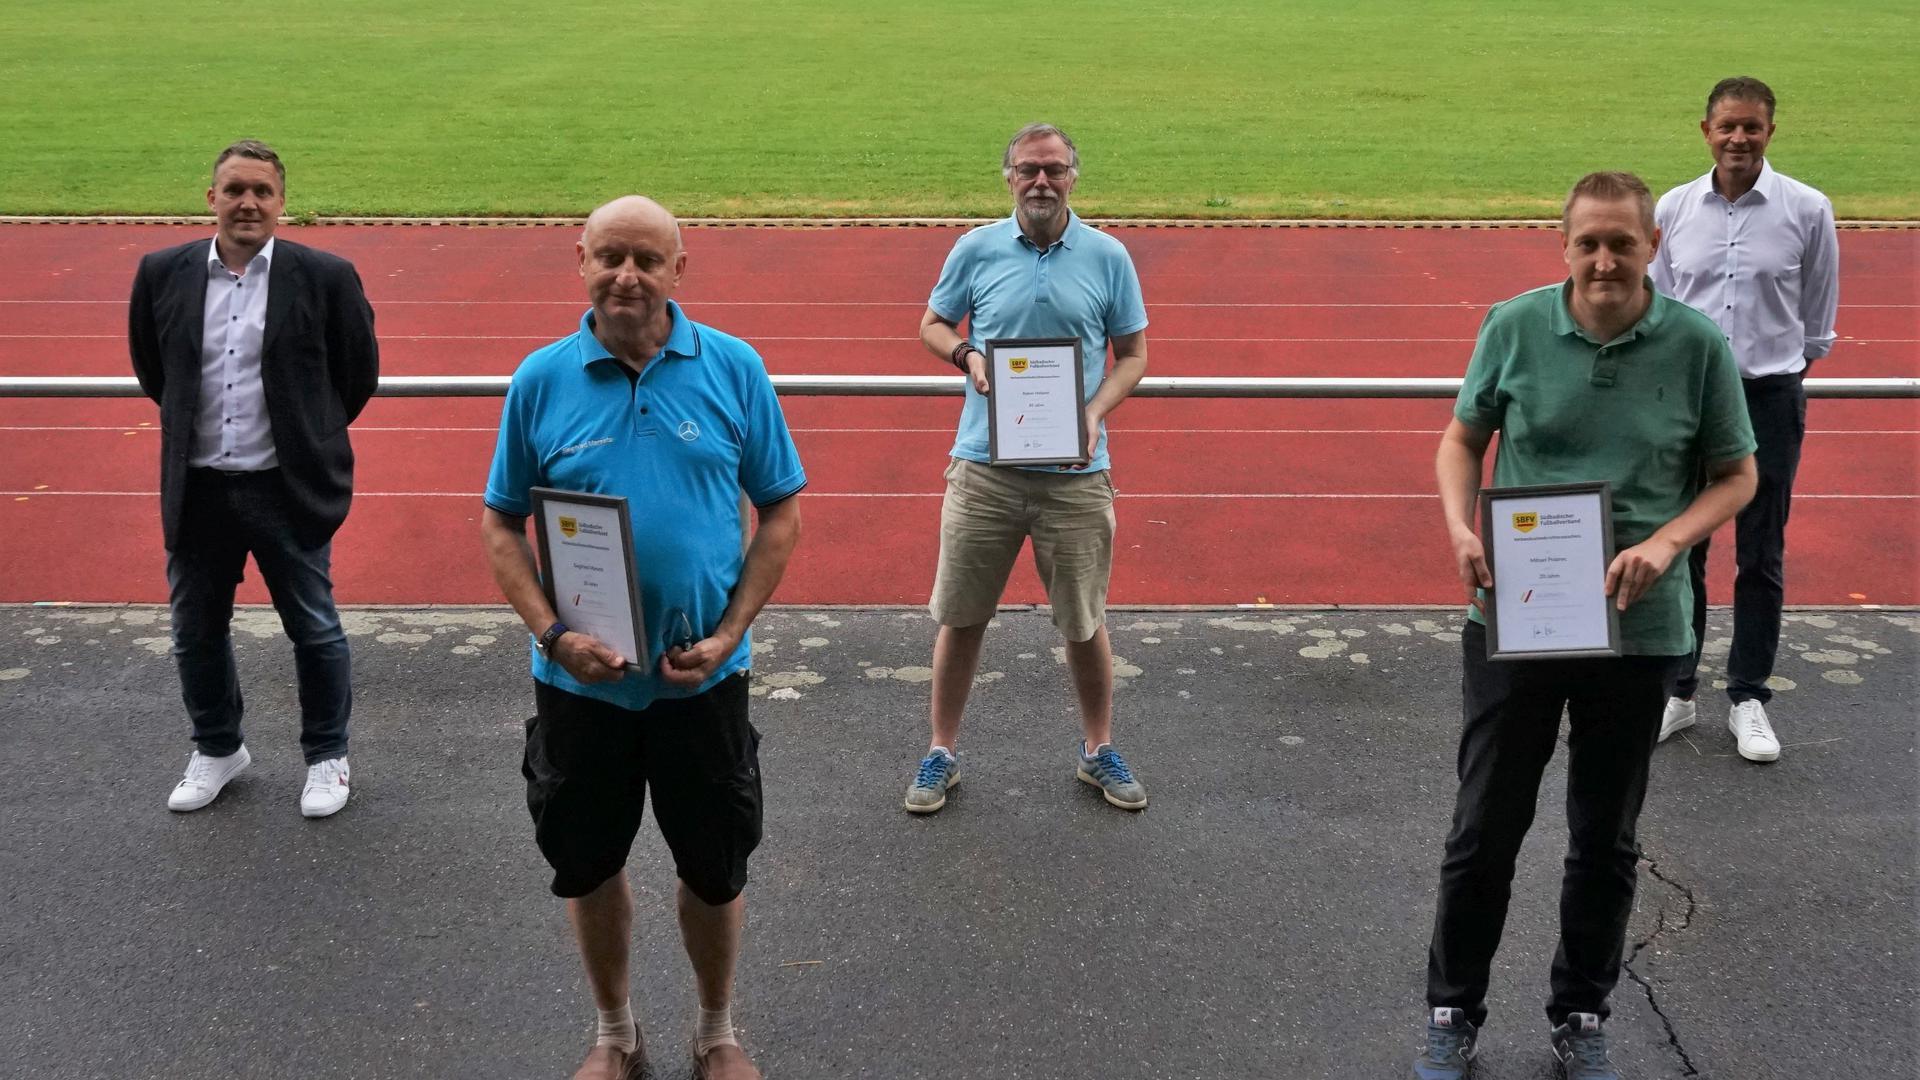 20 Jahre als Schiedsrichter aktiv: VSO Ralf Brombacher (links) und BSO Bernhard Zerr (rechts) ehrten Siegfried Marsetz (von links), Rainer Heiland und Mihael Polanec.